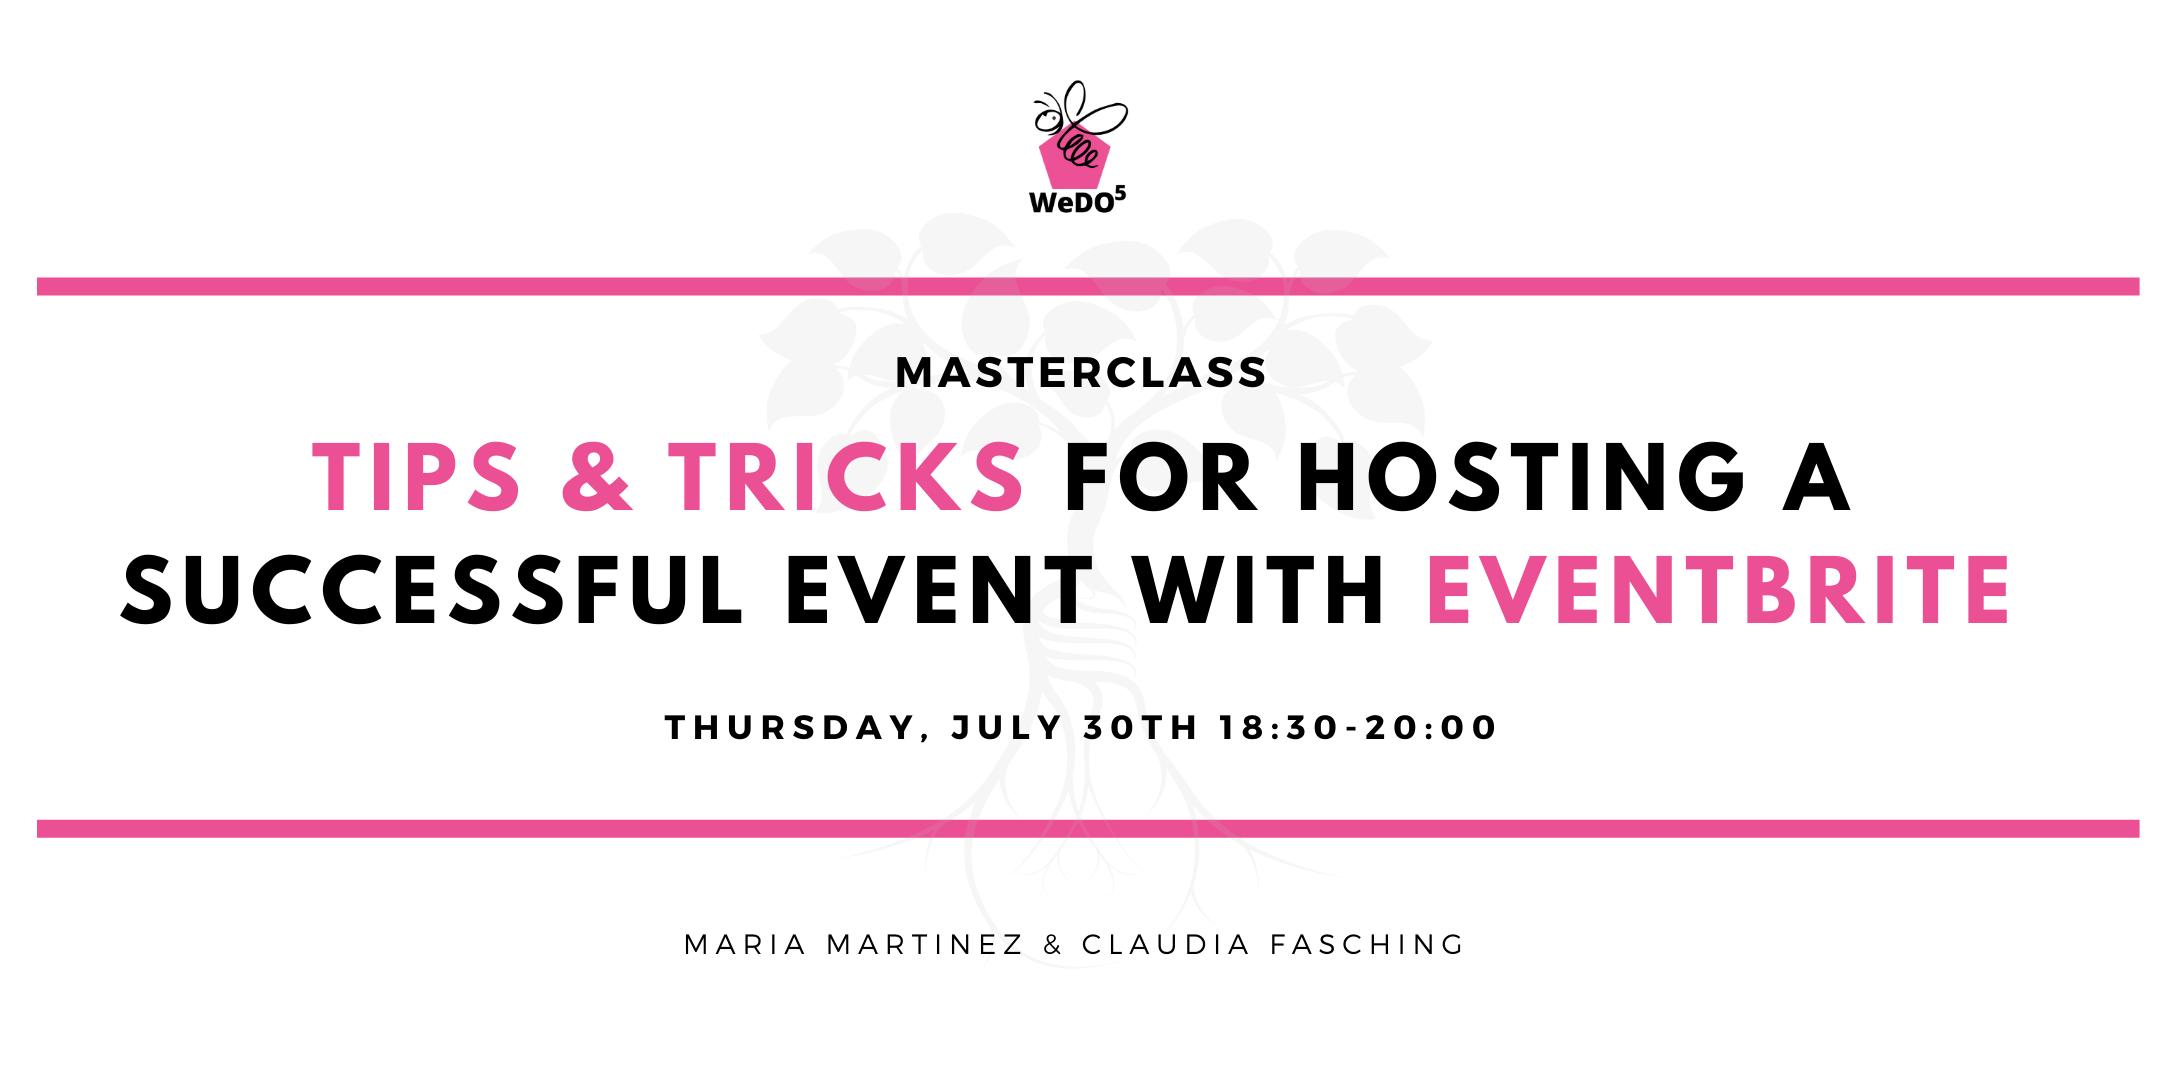 create event with eventbrite